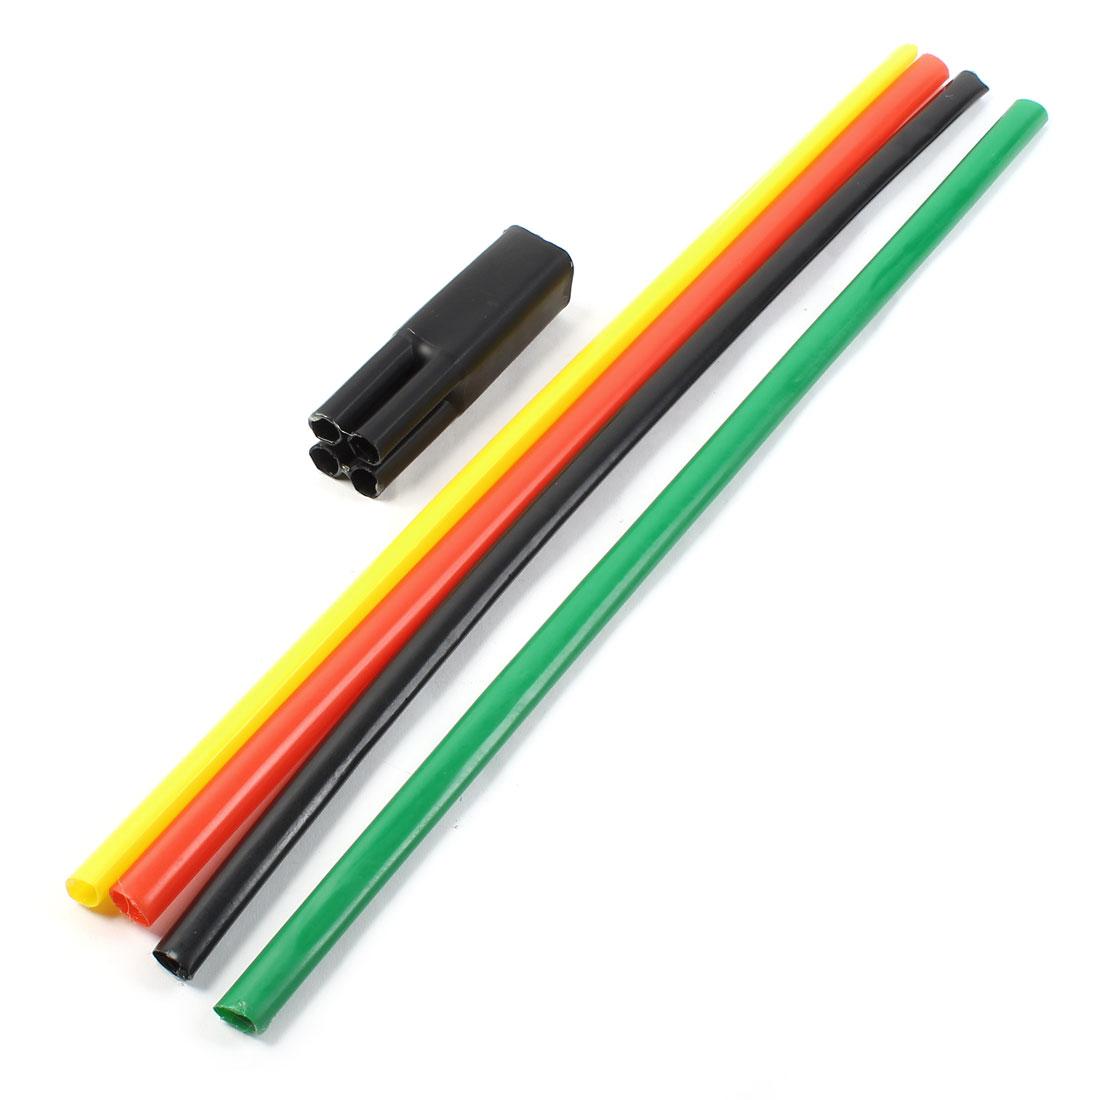 1KV 10-16mm2 Multi Color Heat Shrinkable Bushing 4 Way Heatshrink Breakout Boot